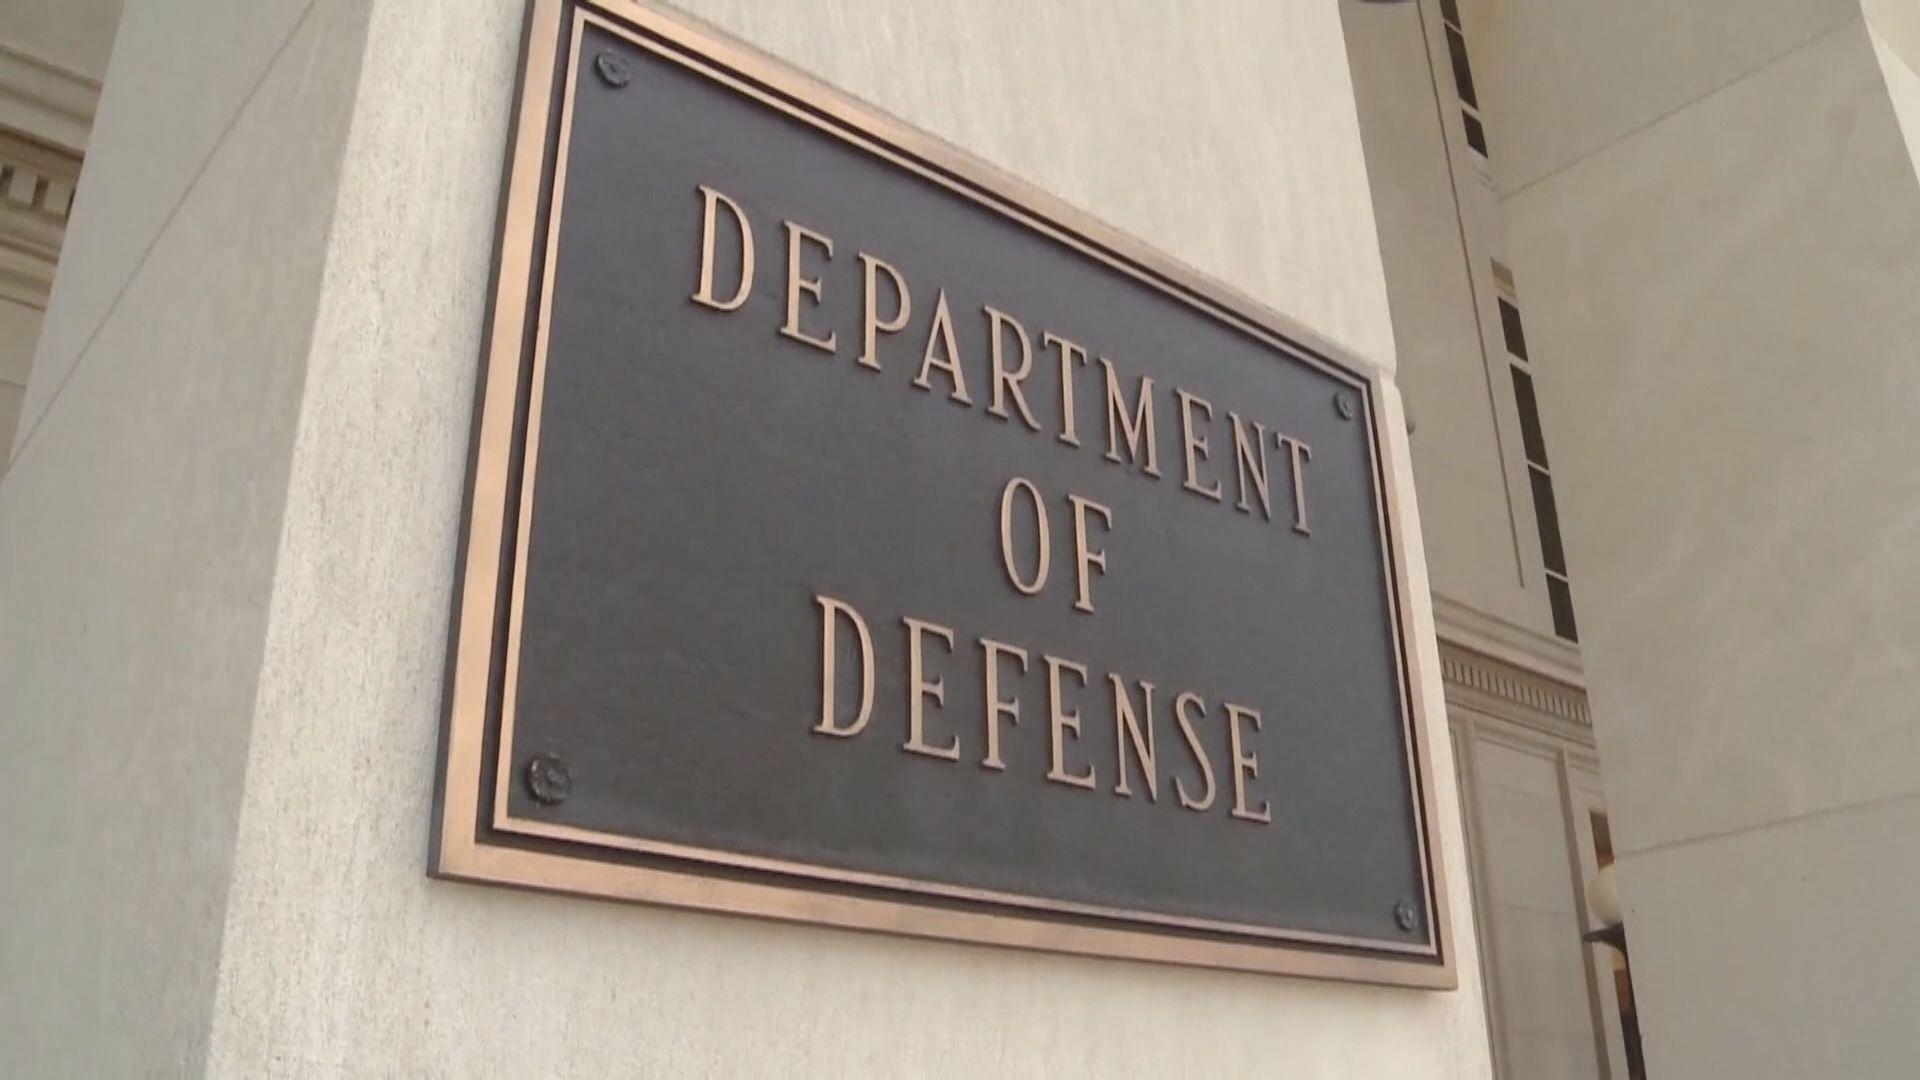 美國防部批解放軍試射導彈破壞南海局勢穩定